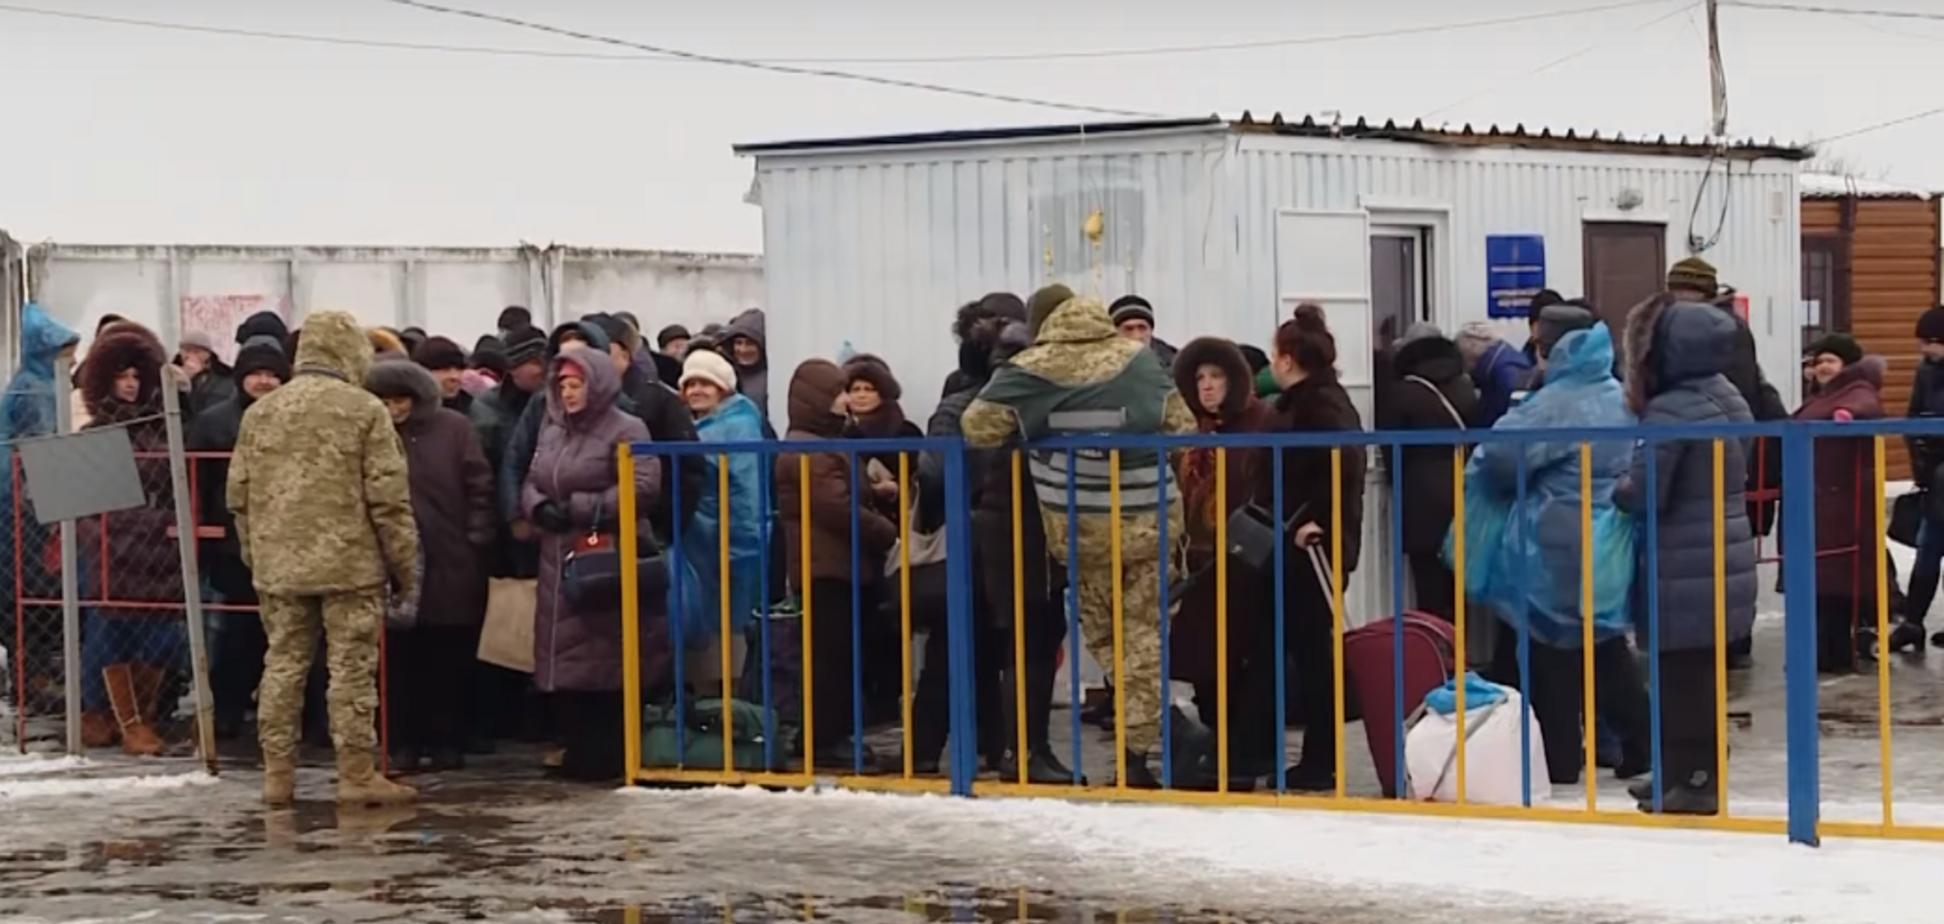 'Націнка 10 грн': стало відомо, як обманюють мешканців Донбасу